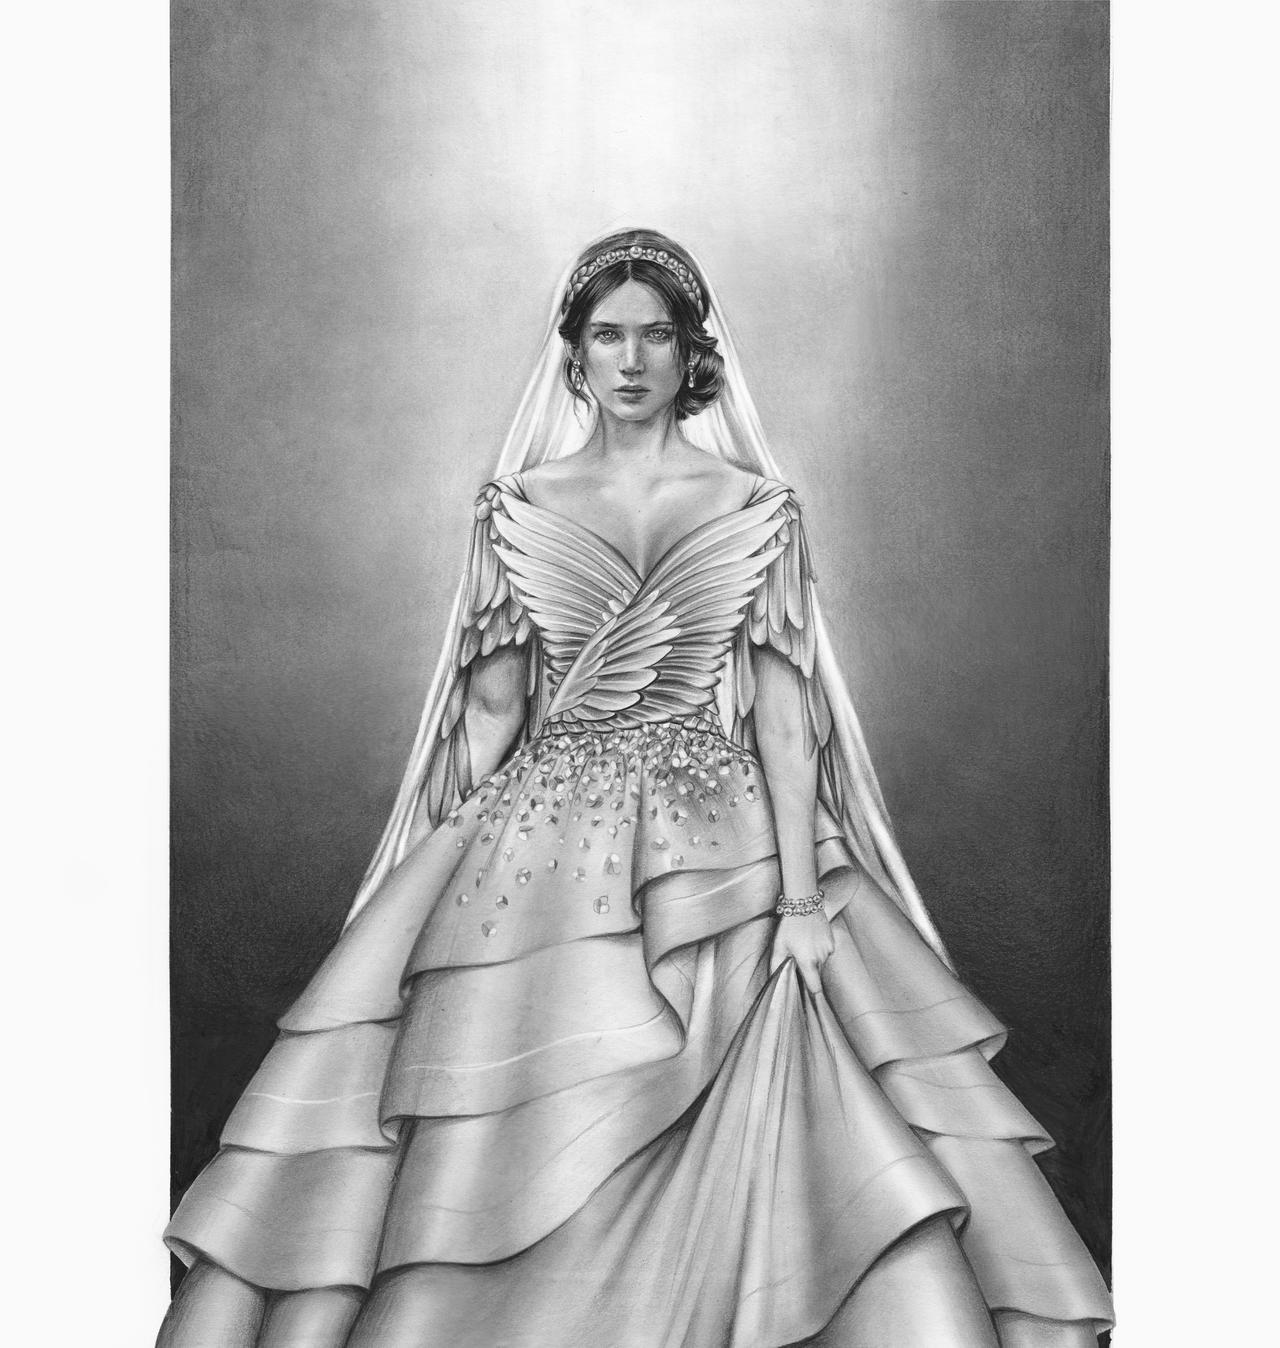 http://fc02.deviantart.net/fs71/i/2013/165/8/5/katniss_wedding_dress_by_mshah123-d692mee.jpg